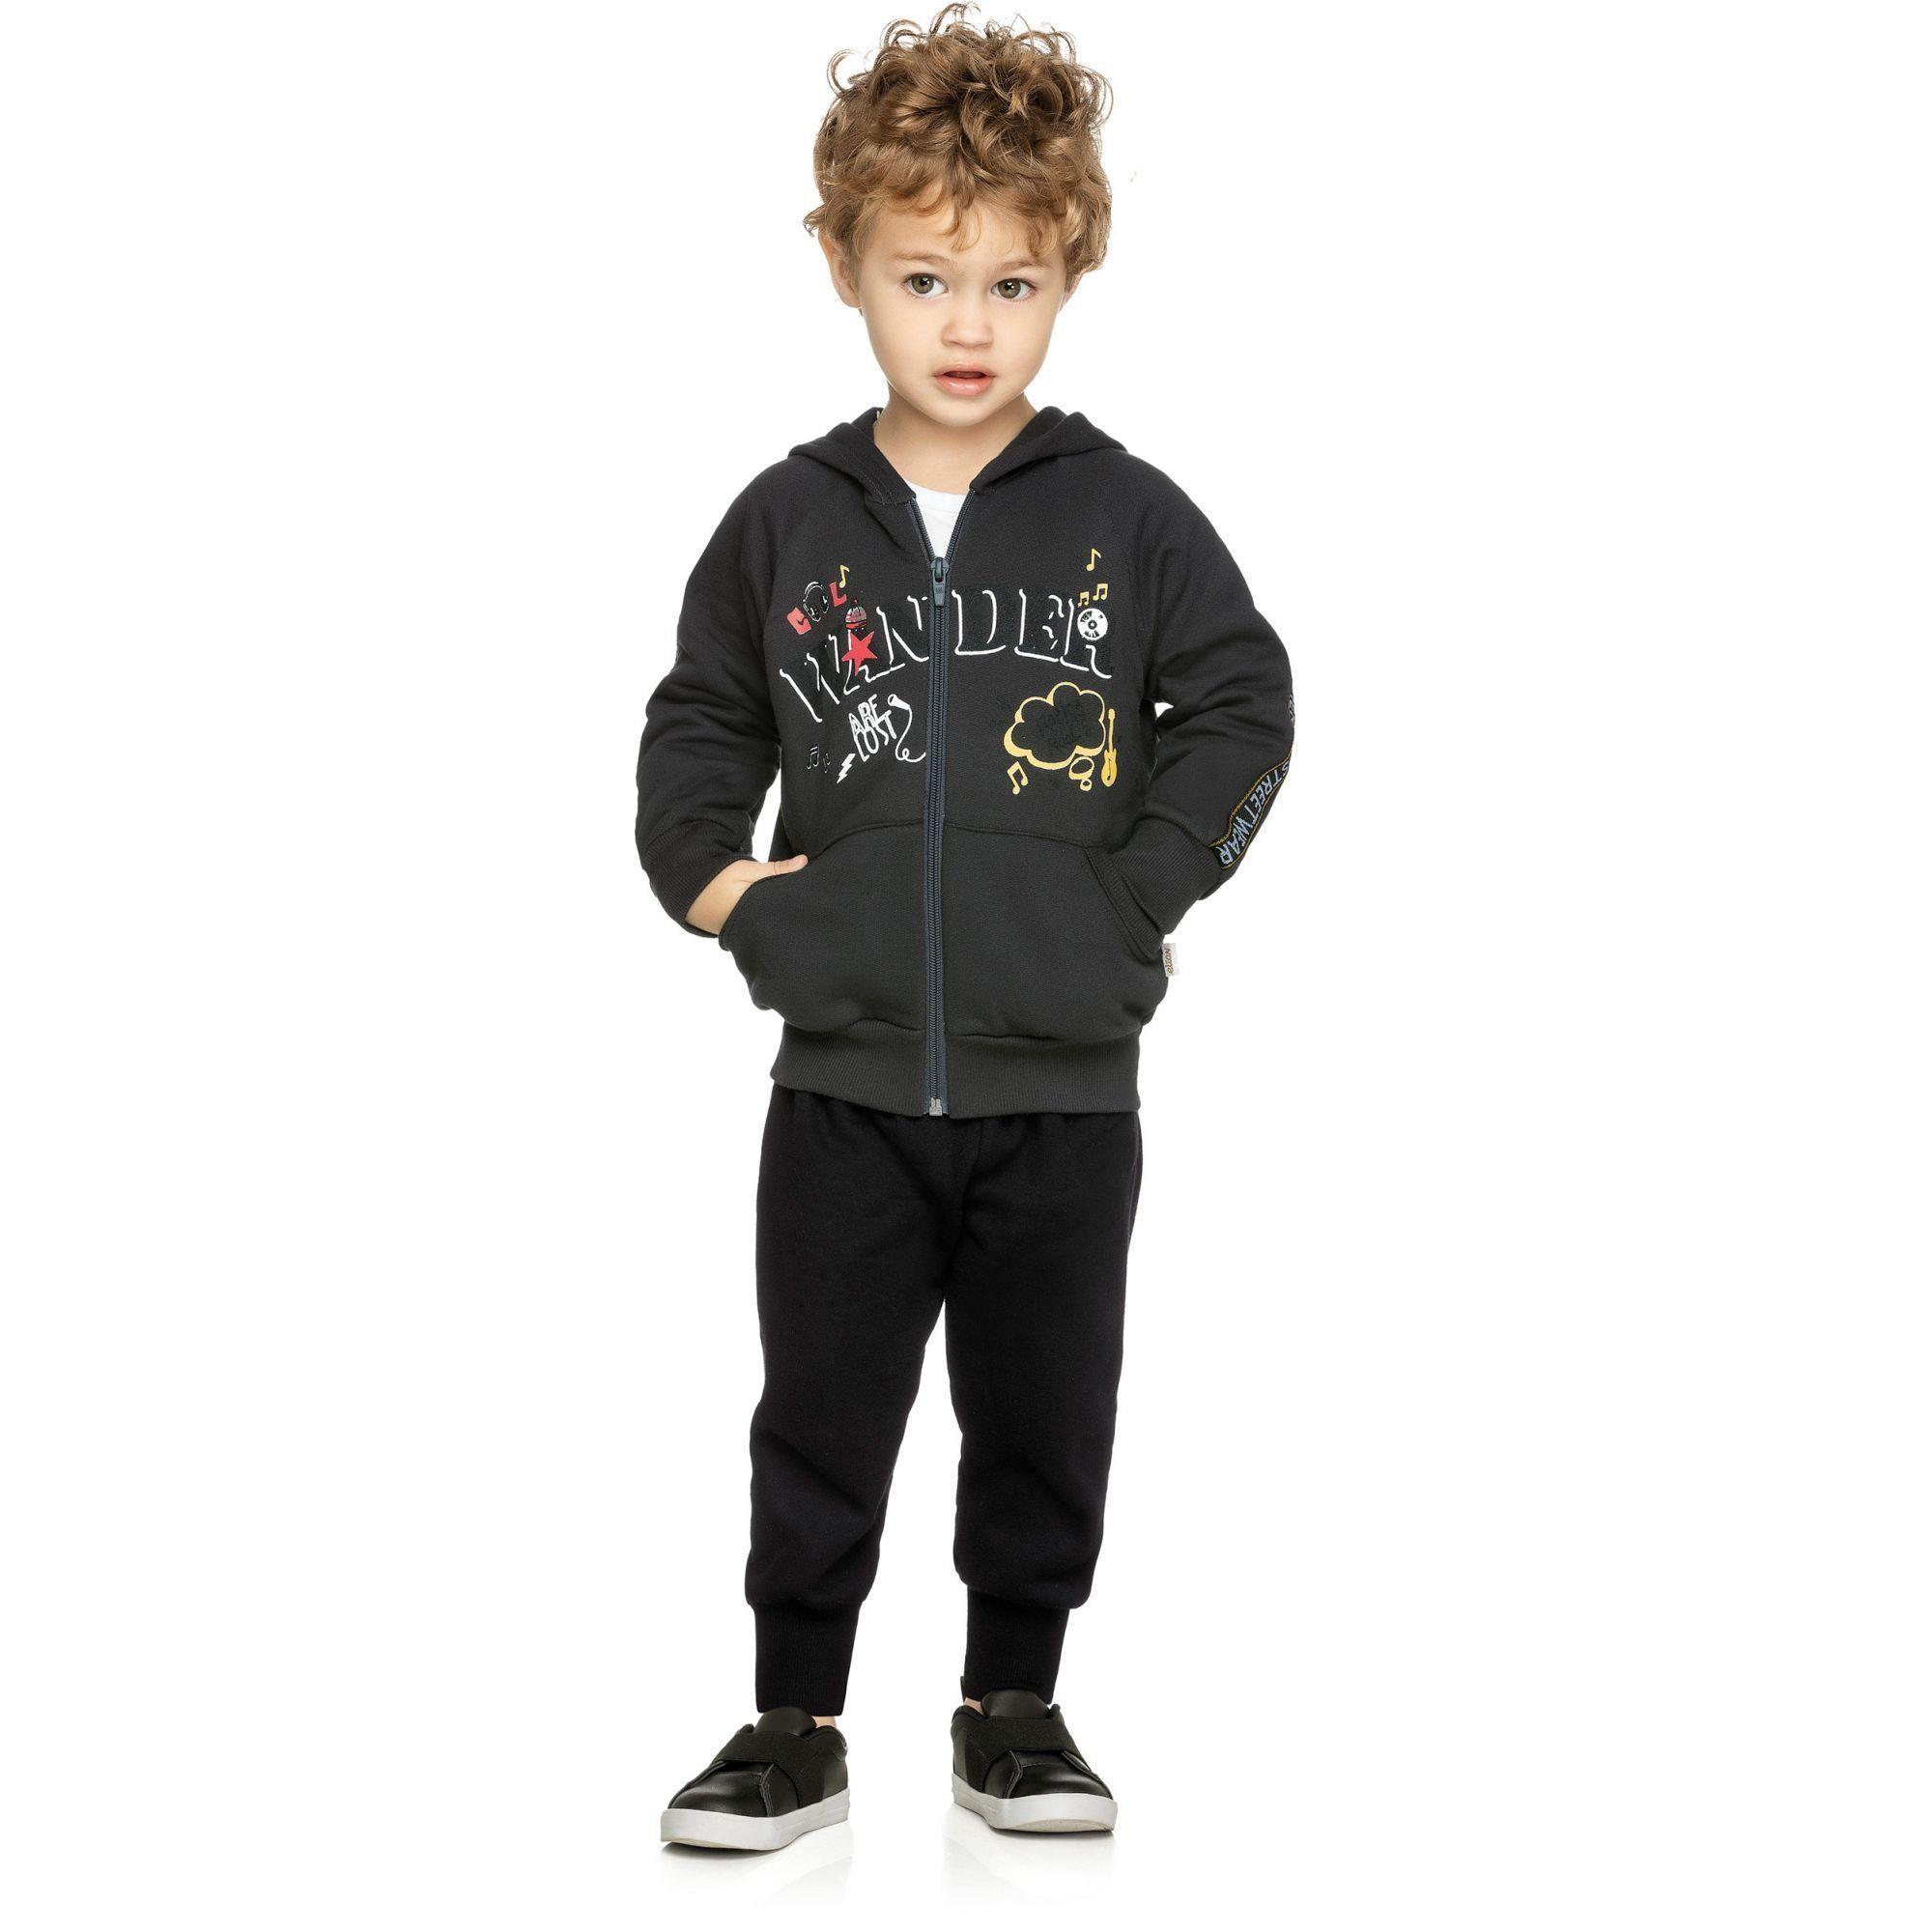 Conjunto Infantil Masculino Inverno Cinza Escuro Wander Elian